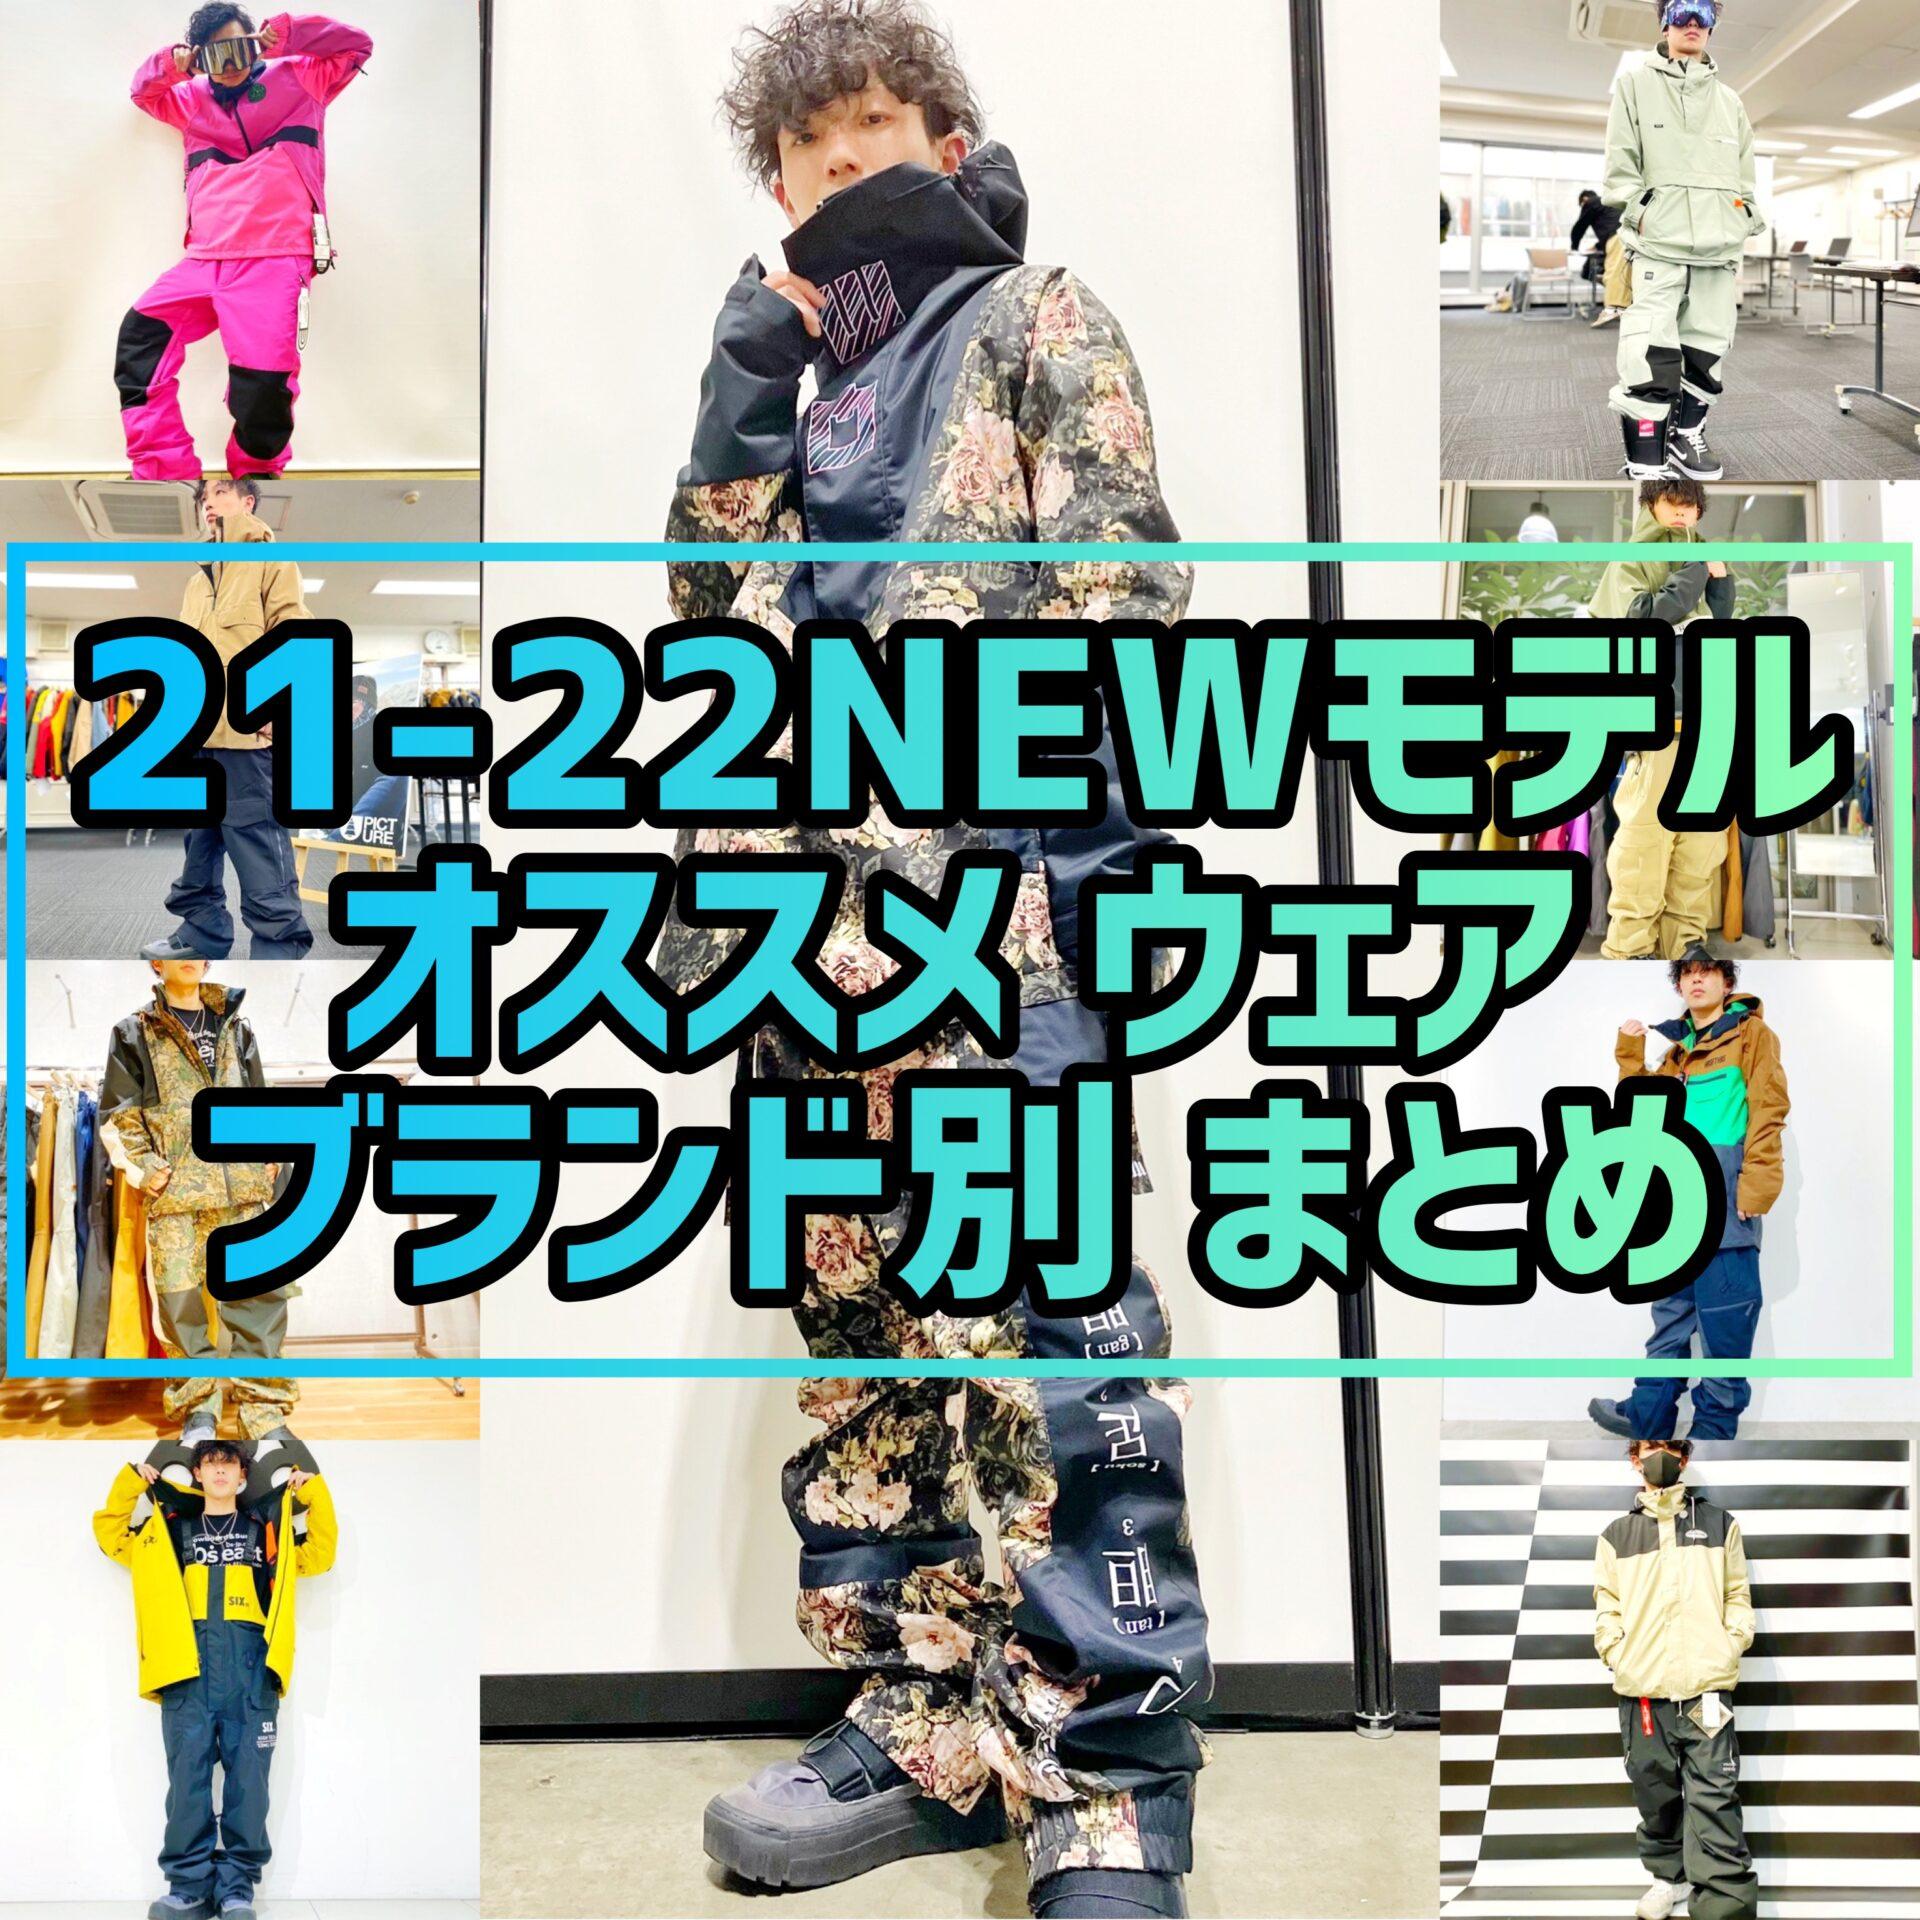 21-22 NEWモデルウェア ブランド別 まとめ